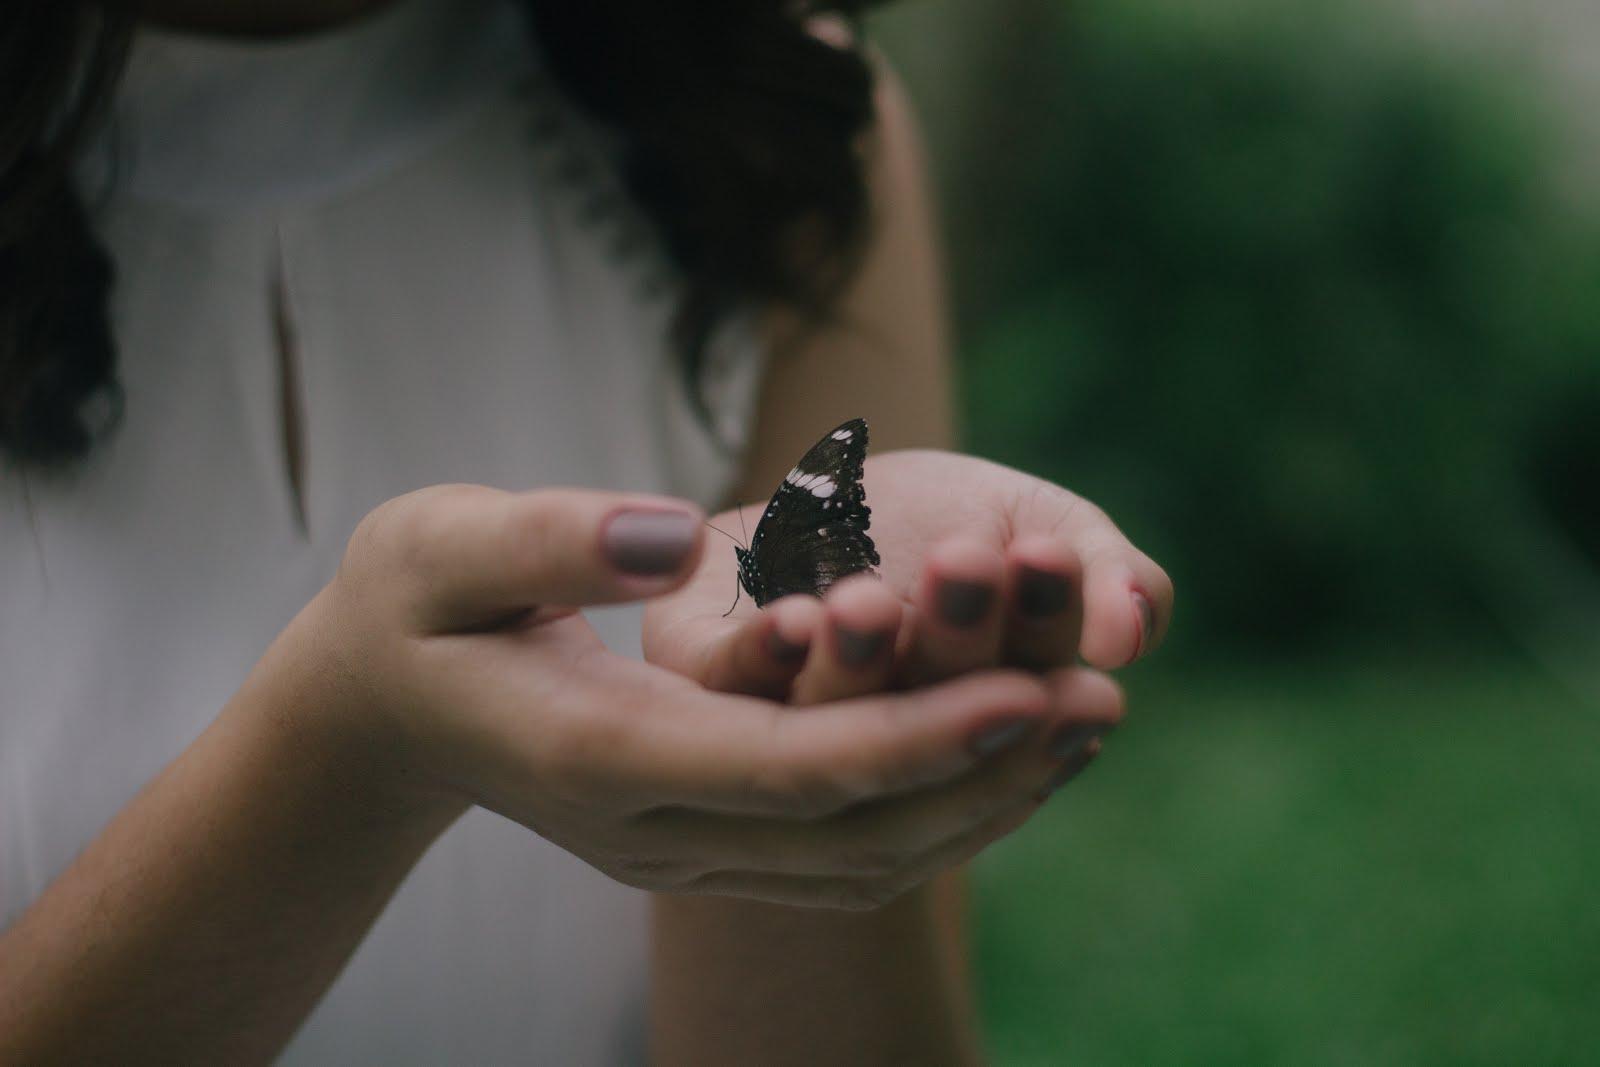 Jeśli nie stać Cię na miłość, zdobądź się chociaż na łagodność